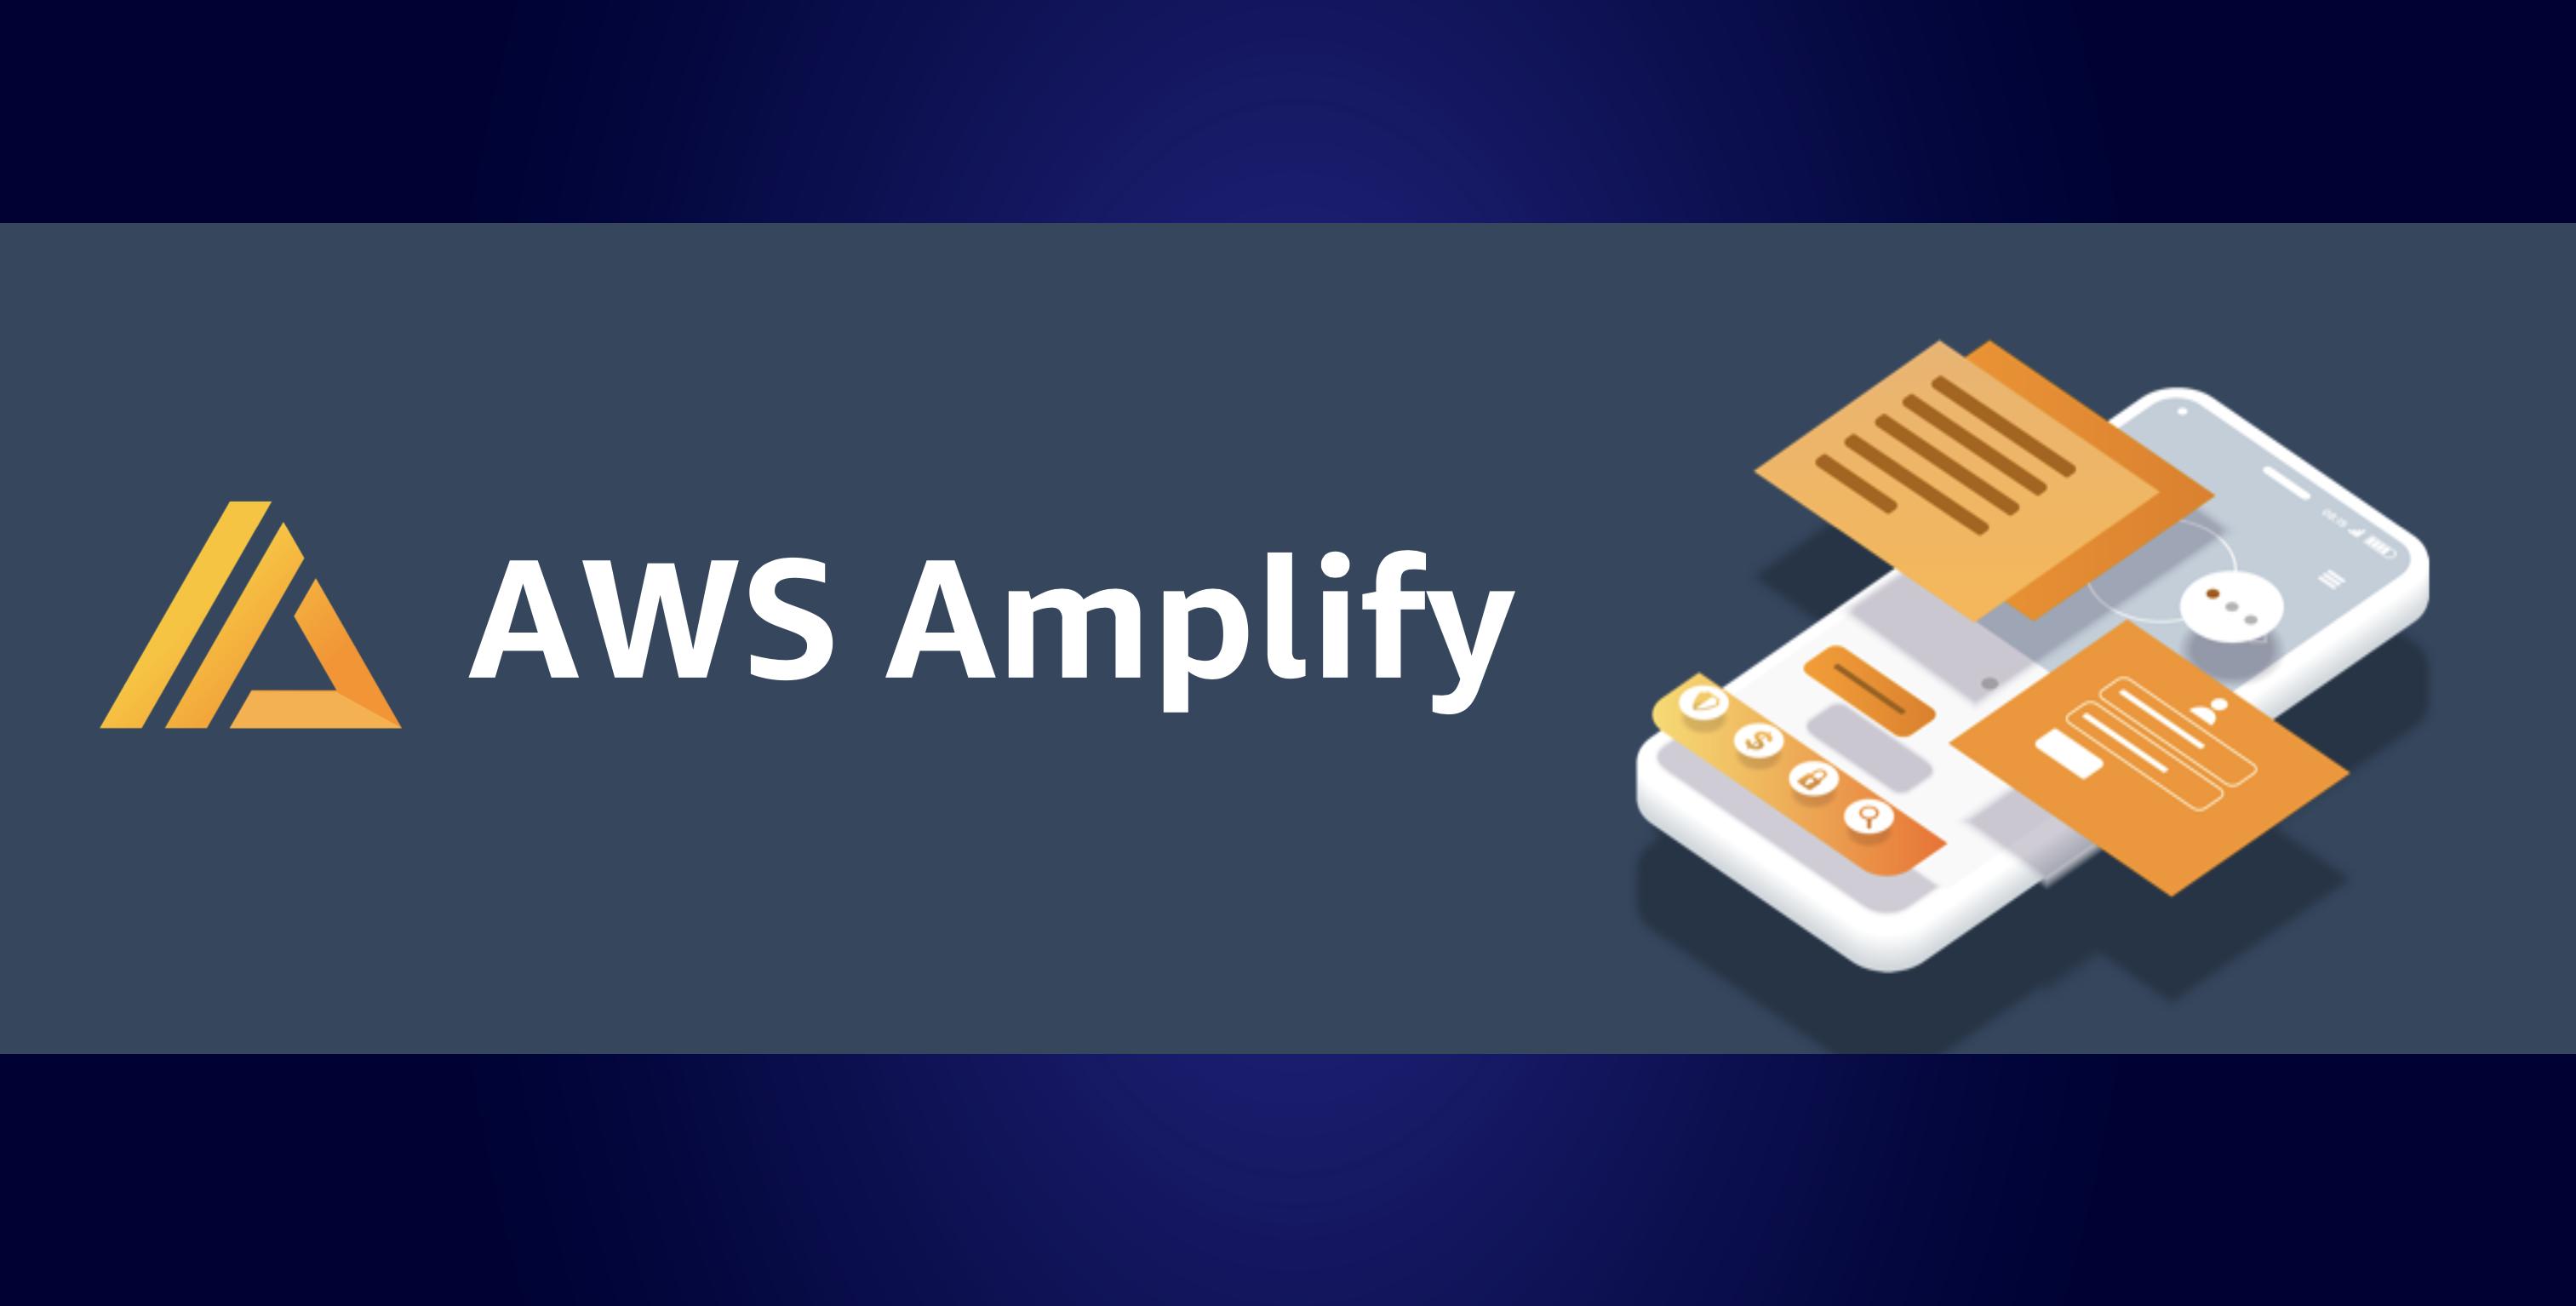 AWS Amplifyによるバックエンド(認証認可,API,CI/CD,AI/ML)の高速開発とCloudFormationとの使い分けについて